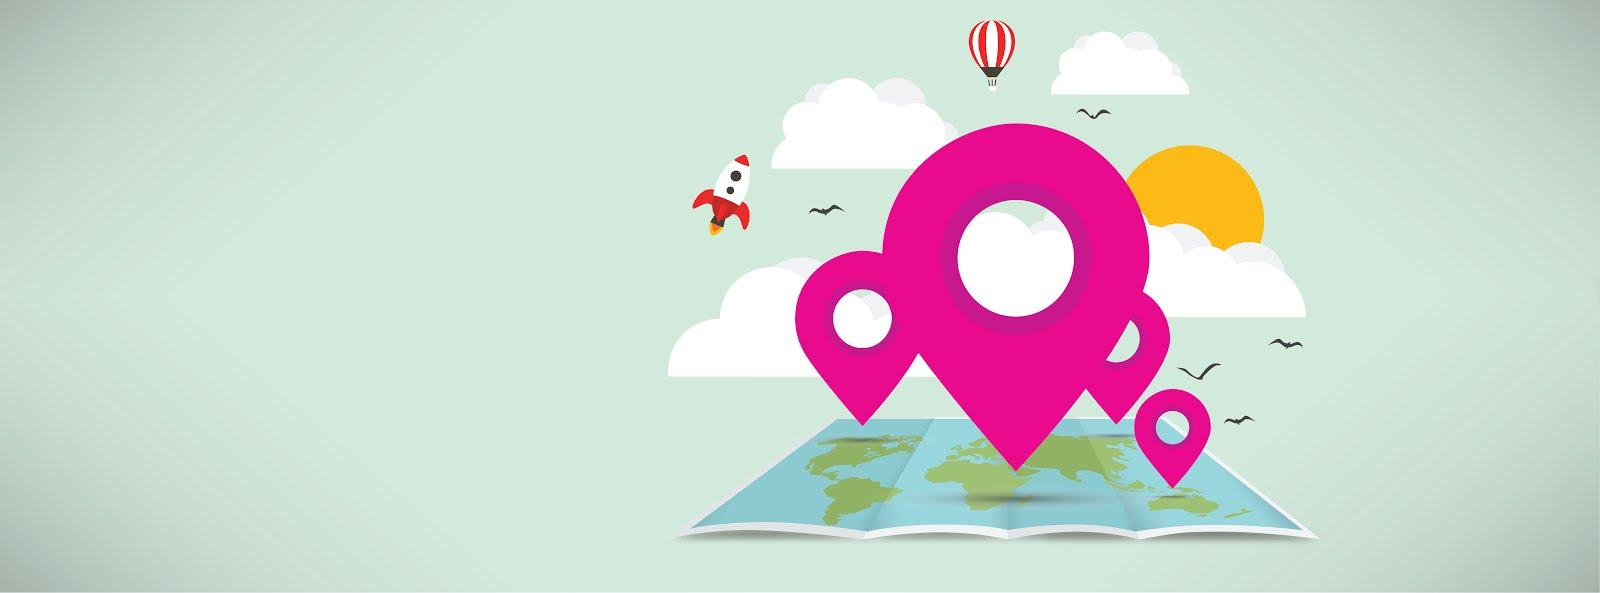 Bubblegum Tours Travels